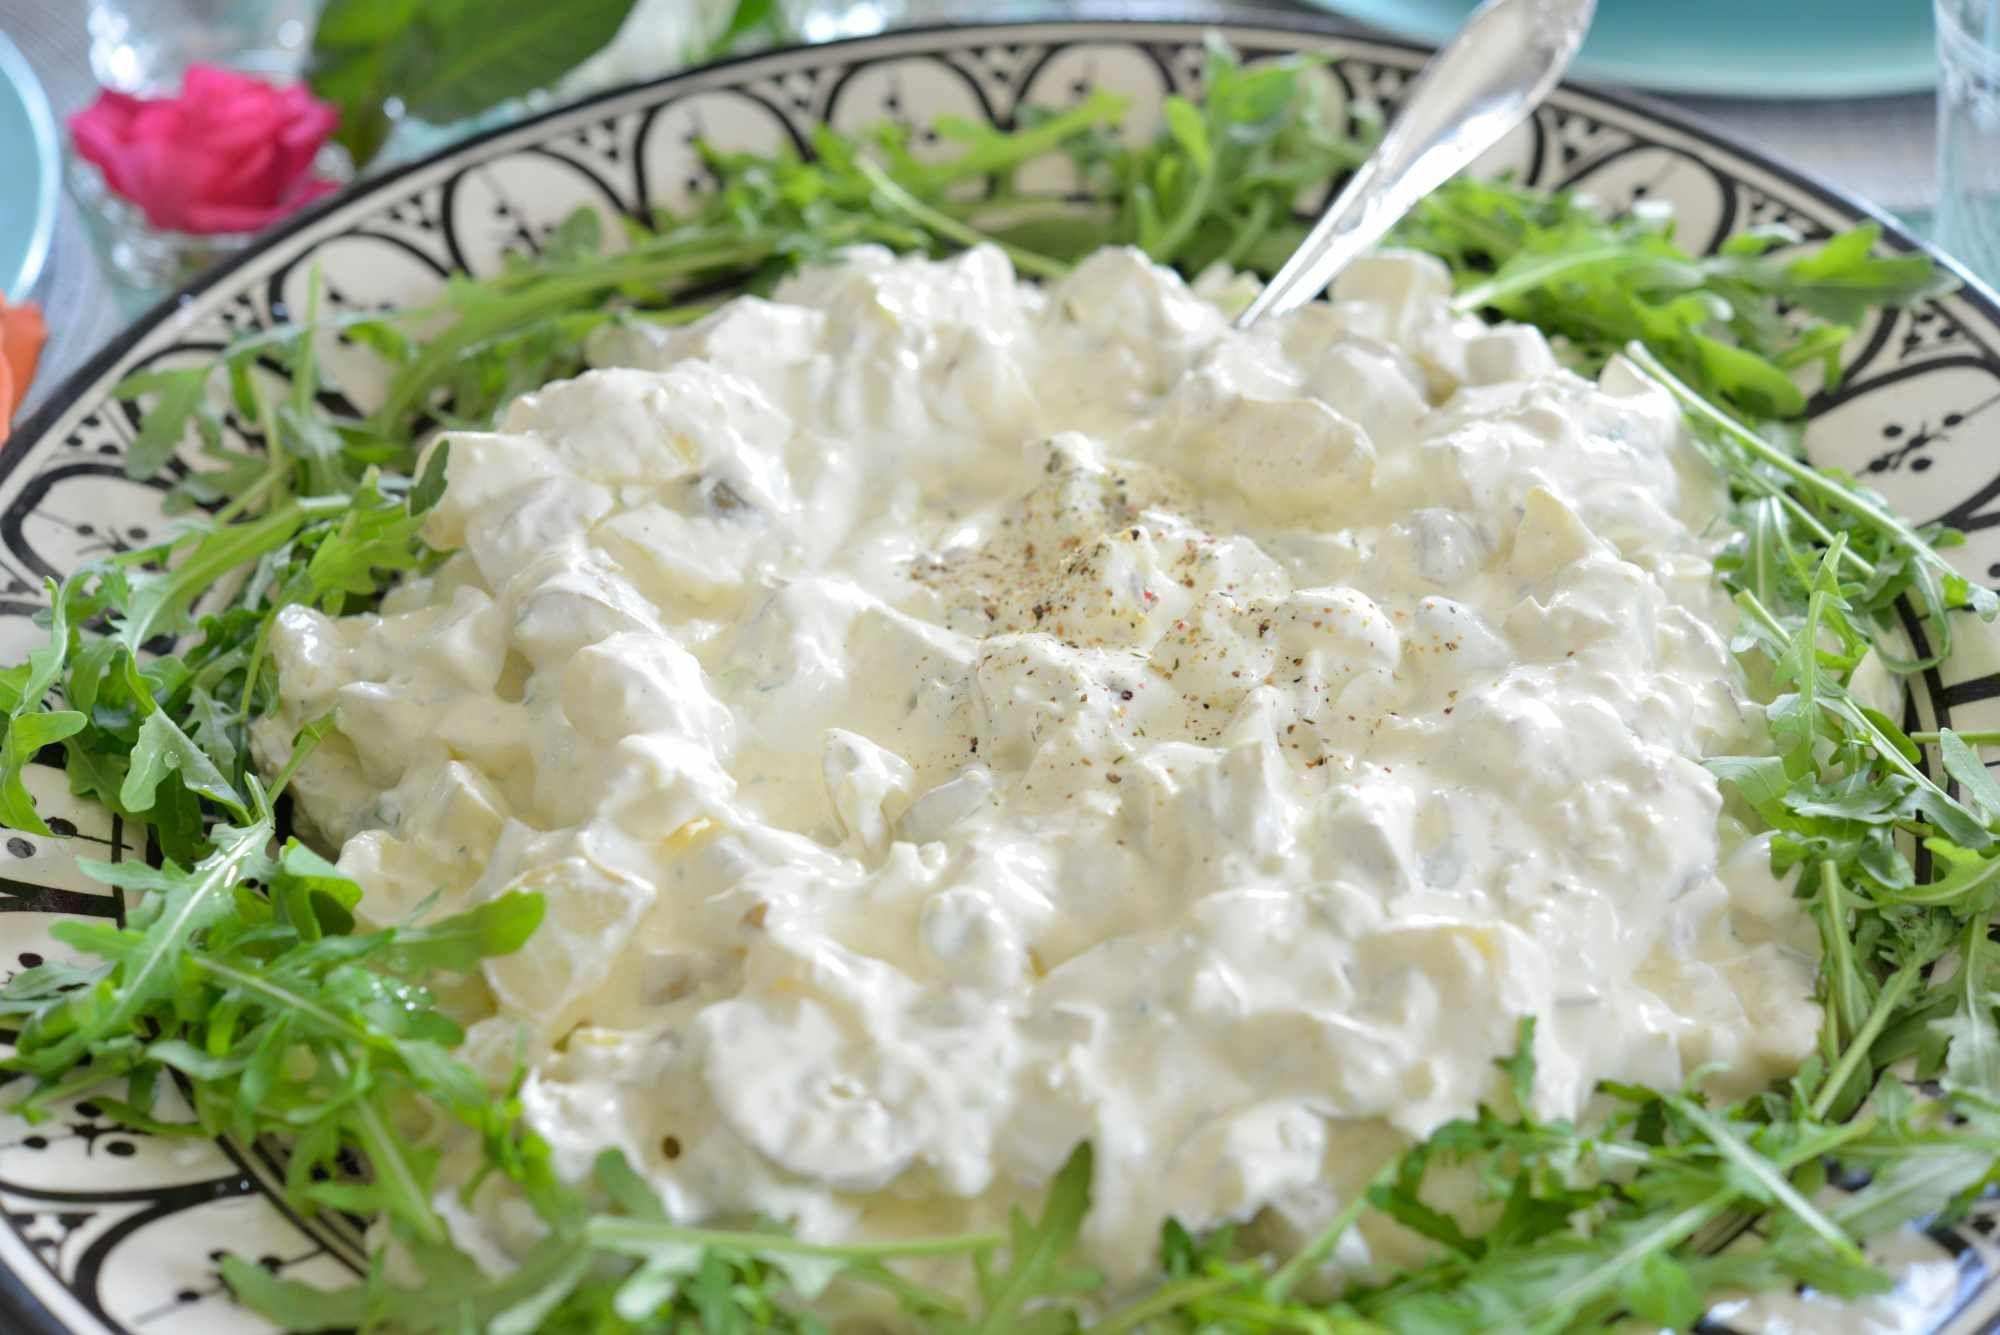 ef1d4a3f9 Verdens beste potetsalat - Farmors oppskrift | Mat | Potetsalat ...